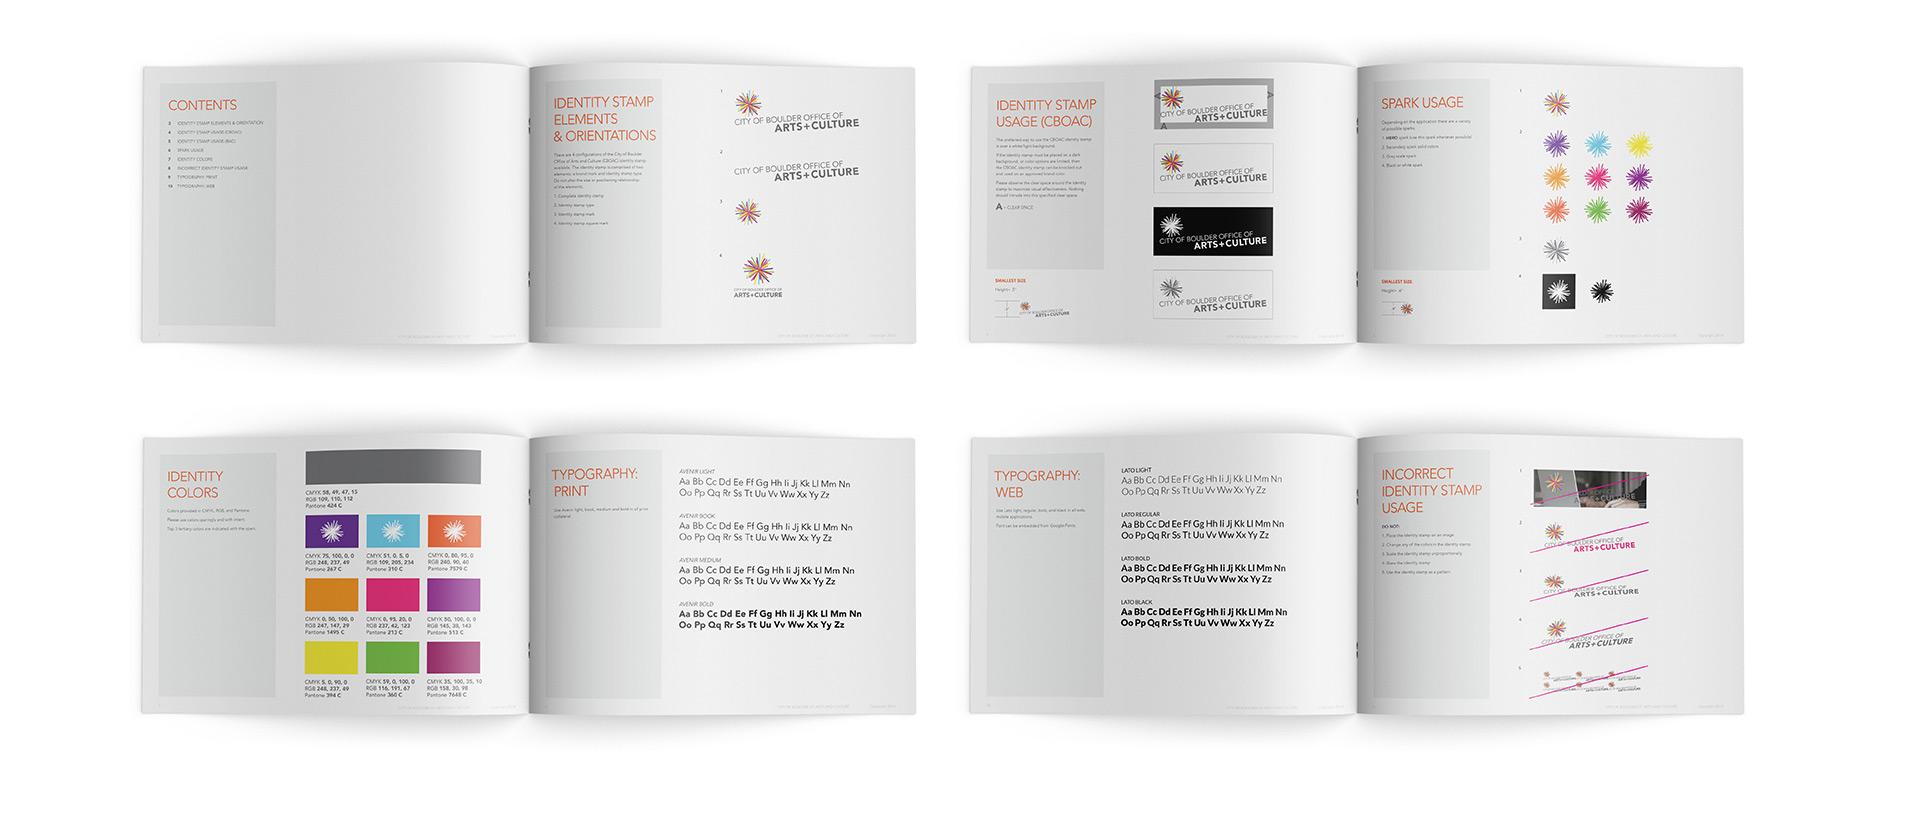 boulder print design project for city of boulder